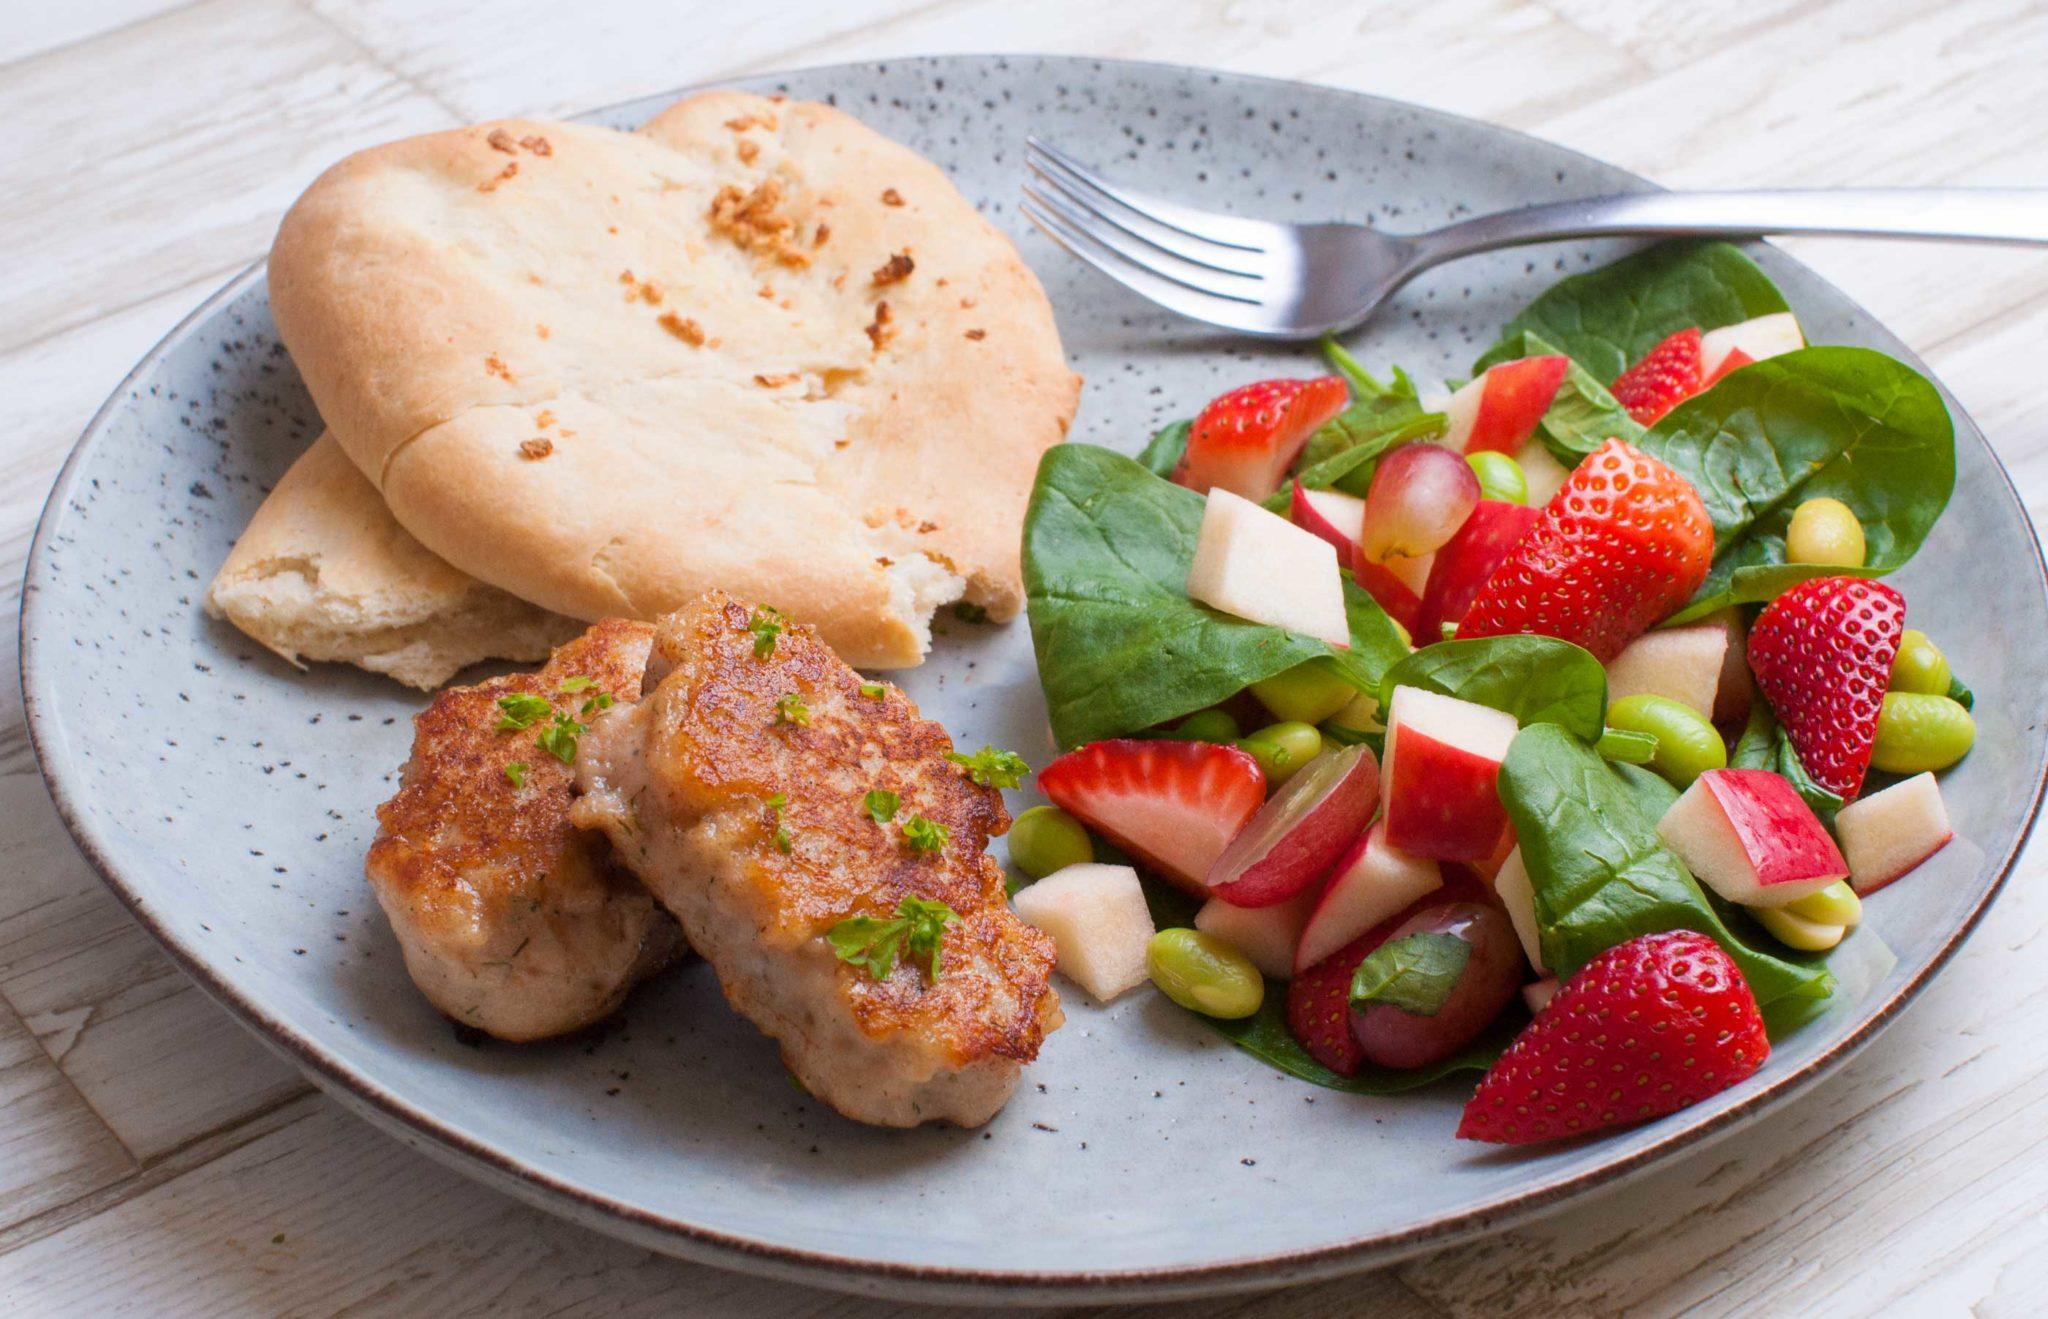 Fiskefrikadeller serveret med naanbrød og salat med jordbær og edamame